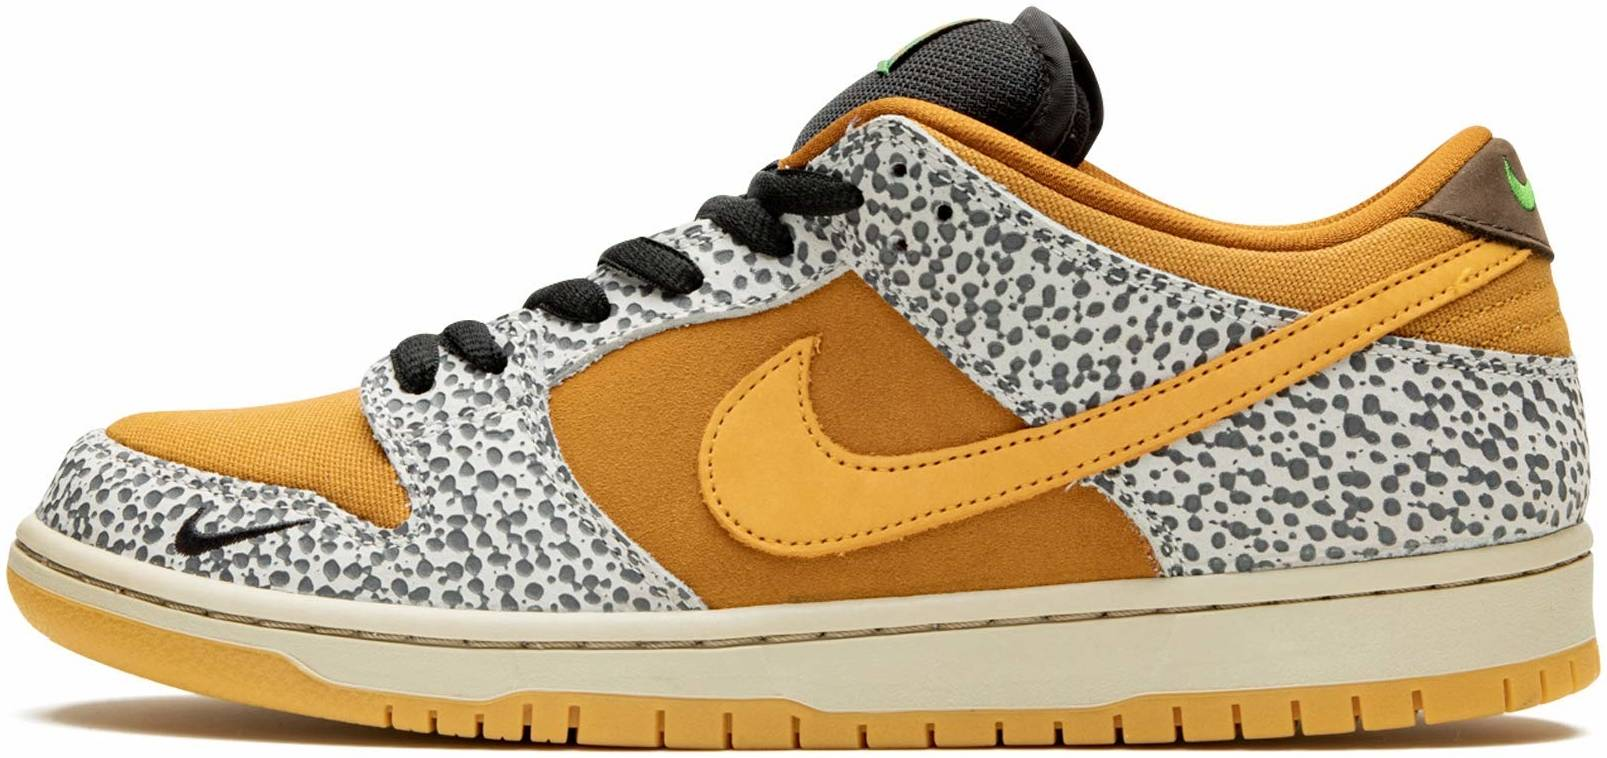 Nike SB Dunk Low Pro sneakers in grey | RunRepeat